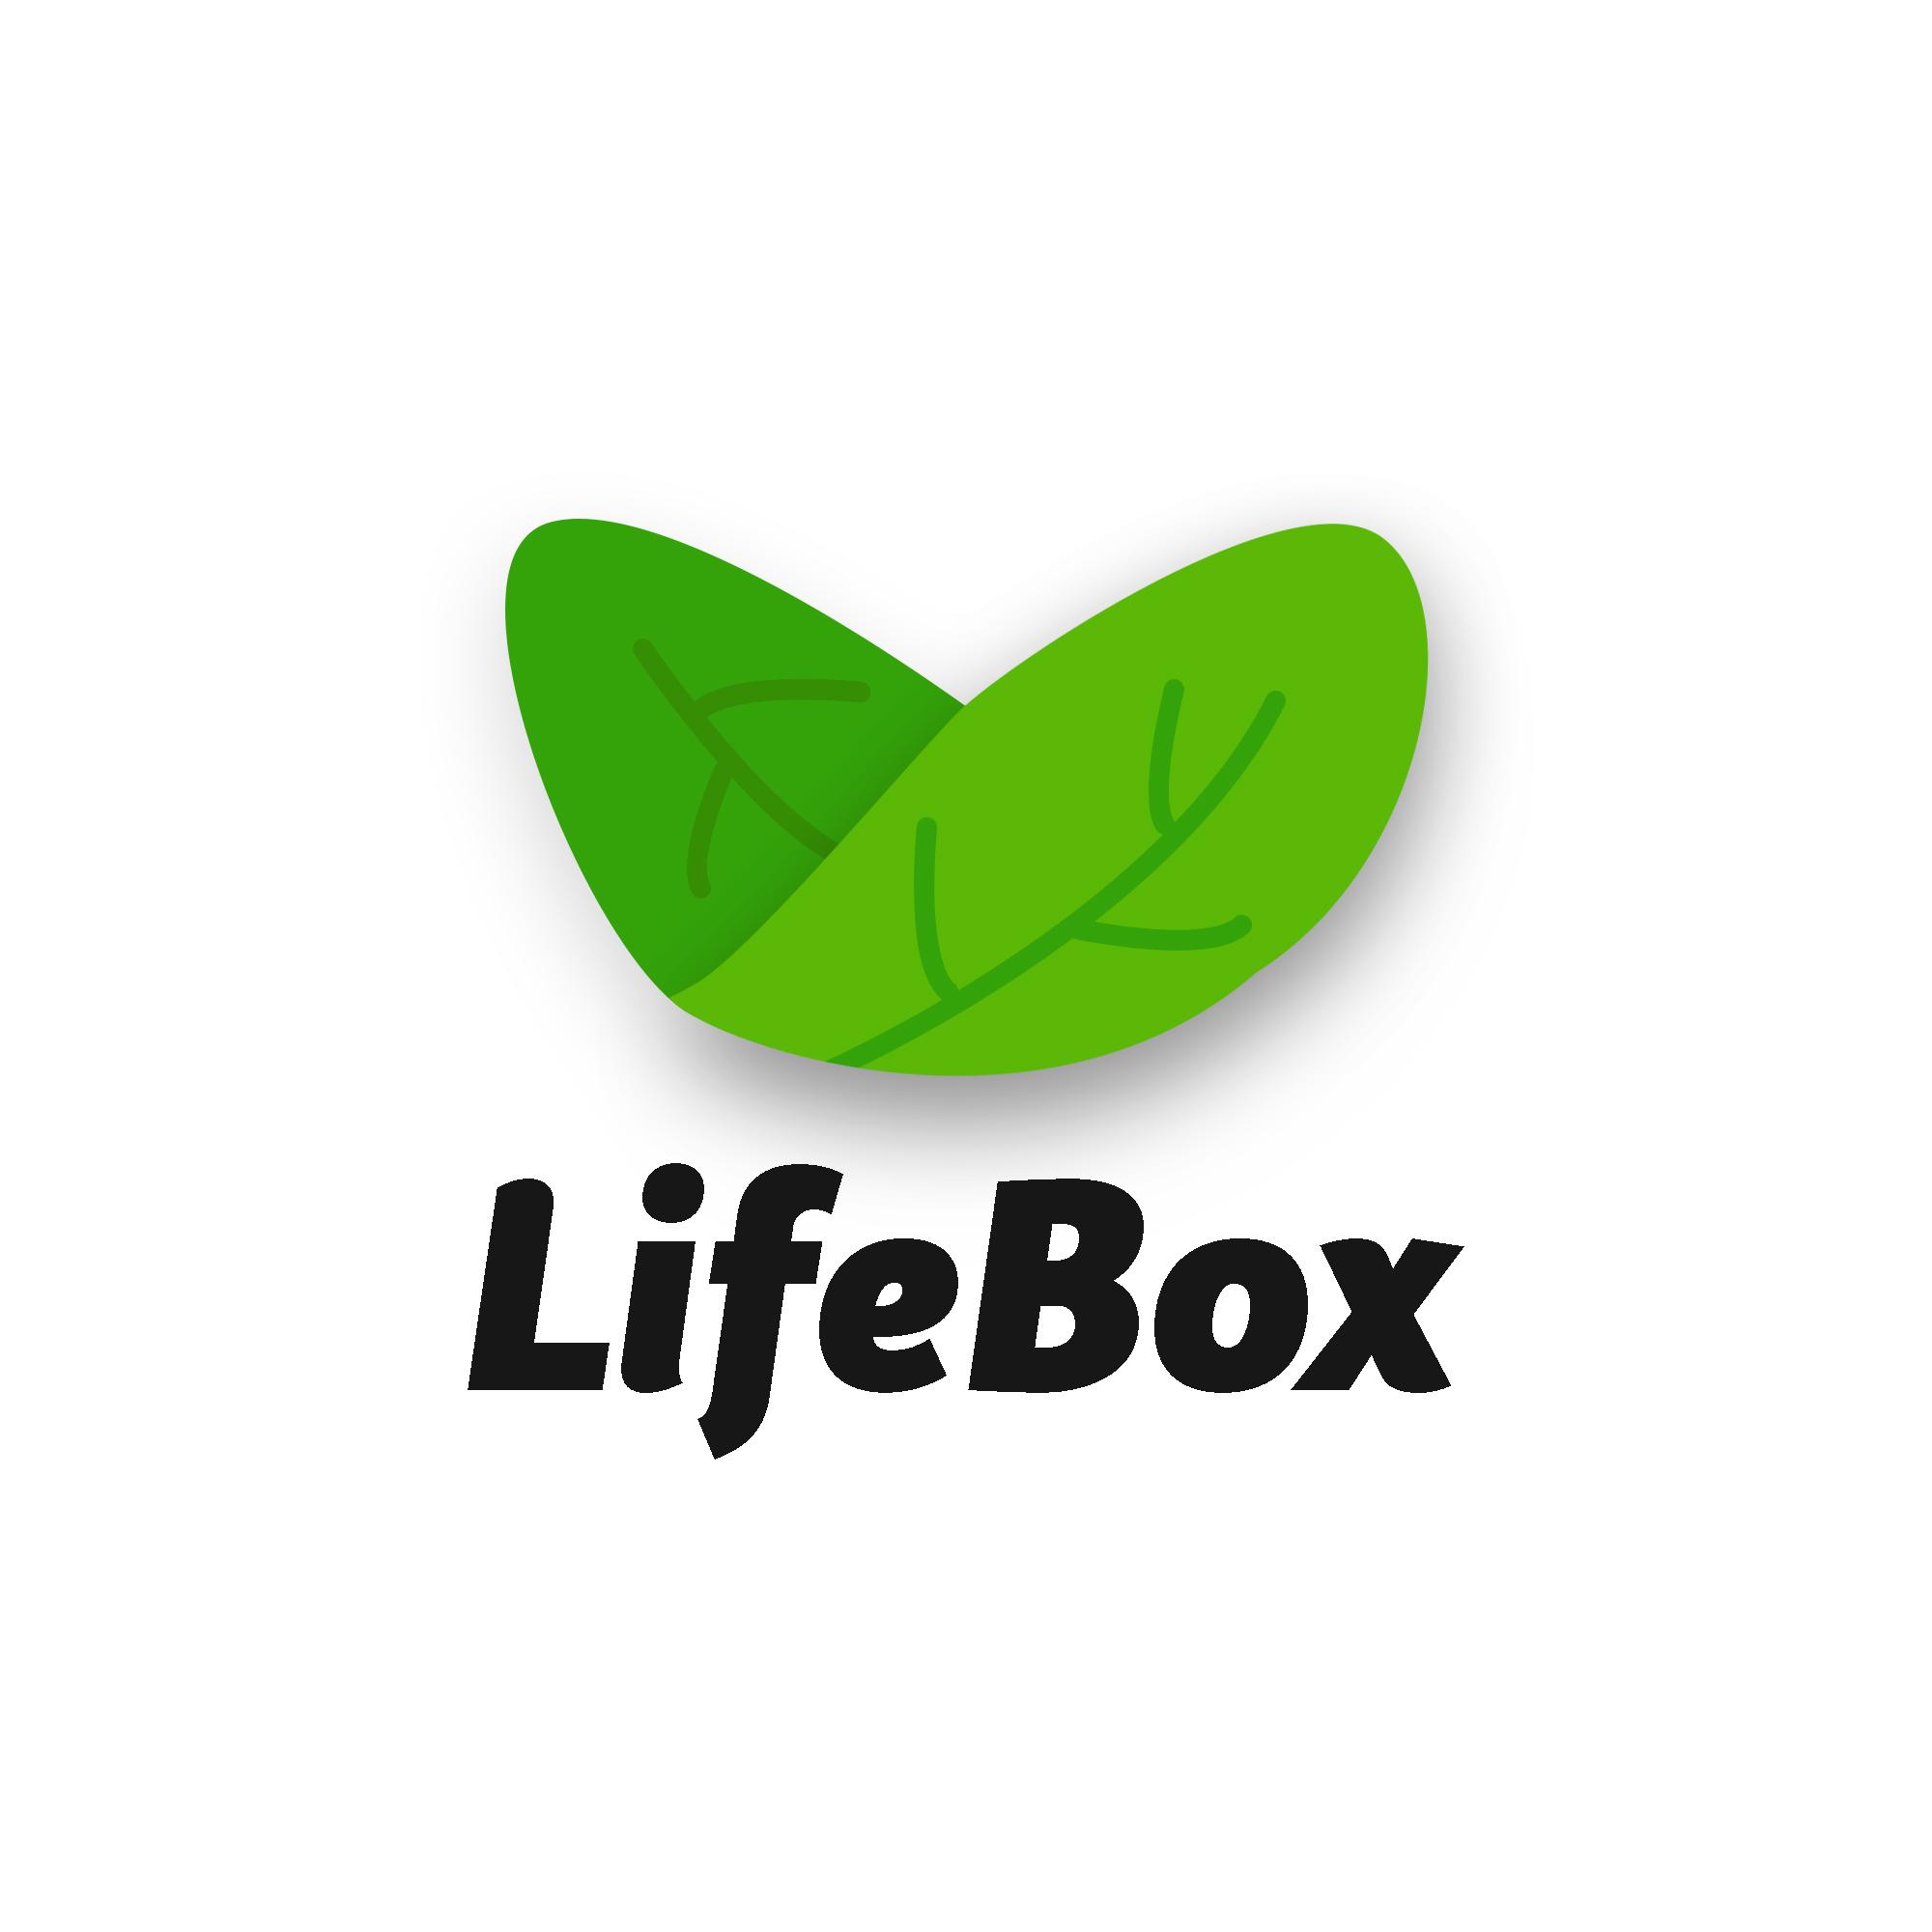 Разработка Логотипа. Победитель получит расширеный заказ  фото f_0245c2532f7cf038.jpg